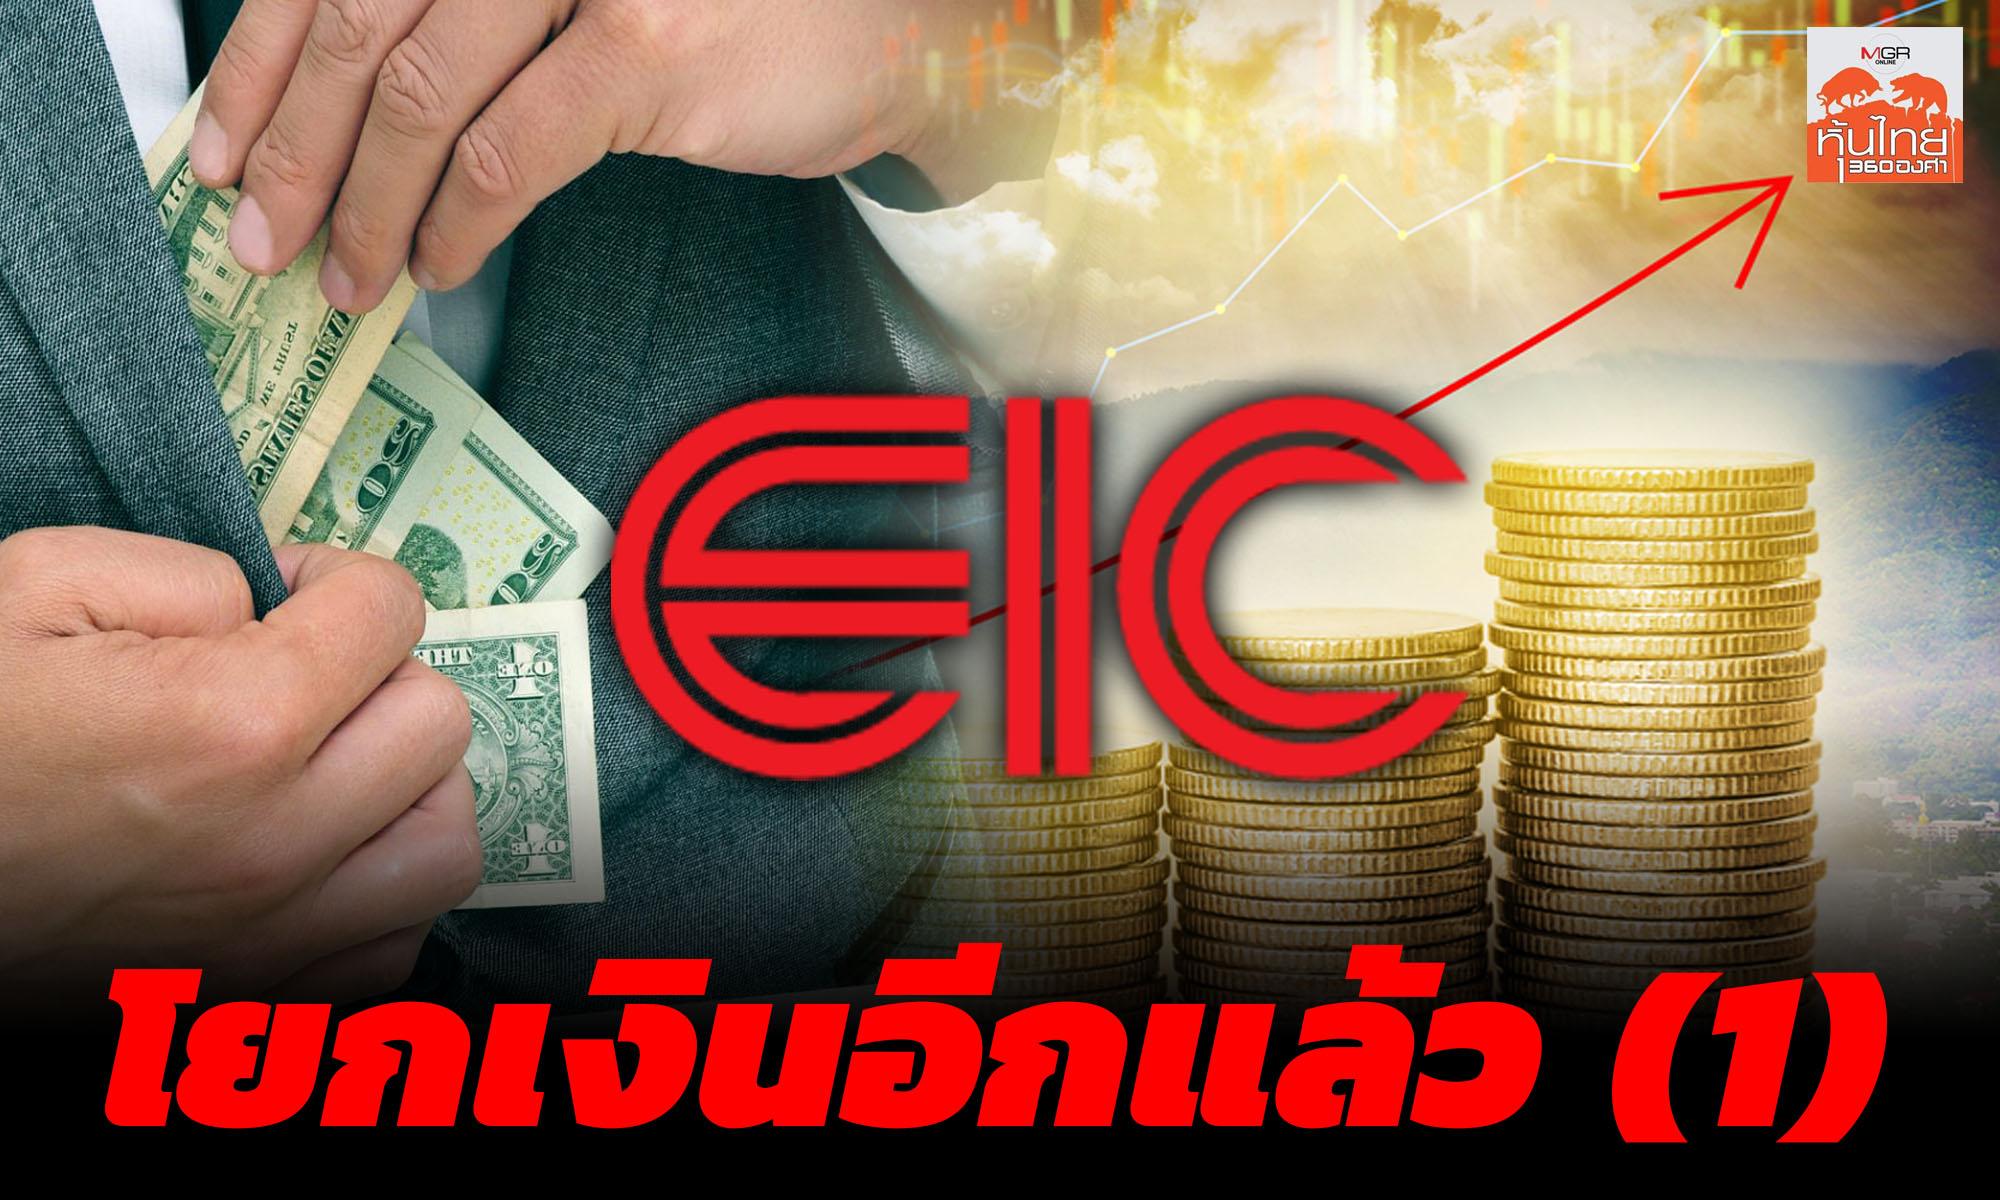 EIC โยกเงินอีกแล้ว (1) / สุนันท์ ศรีจันทรา